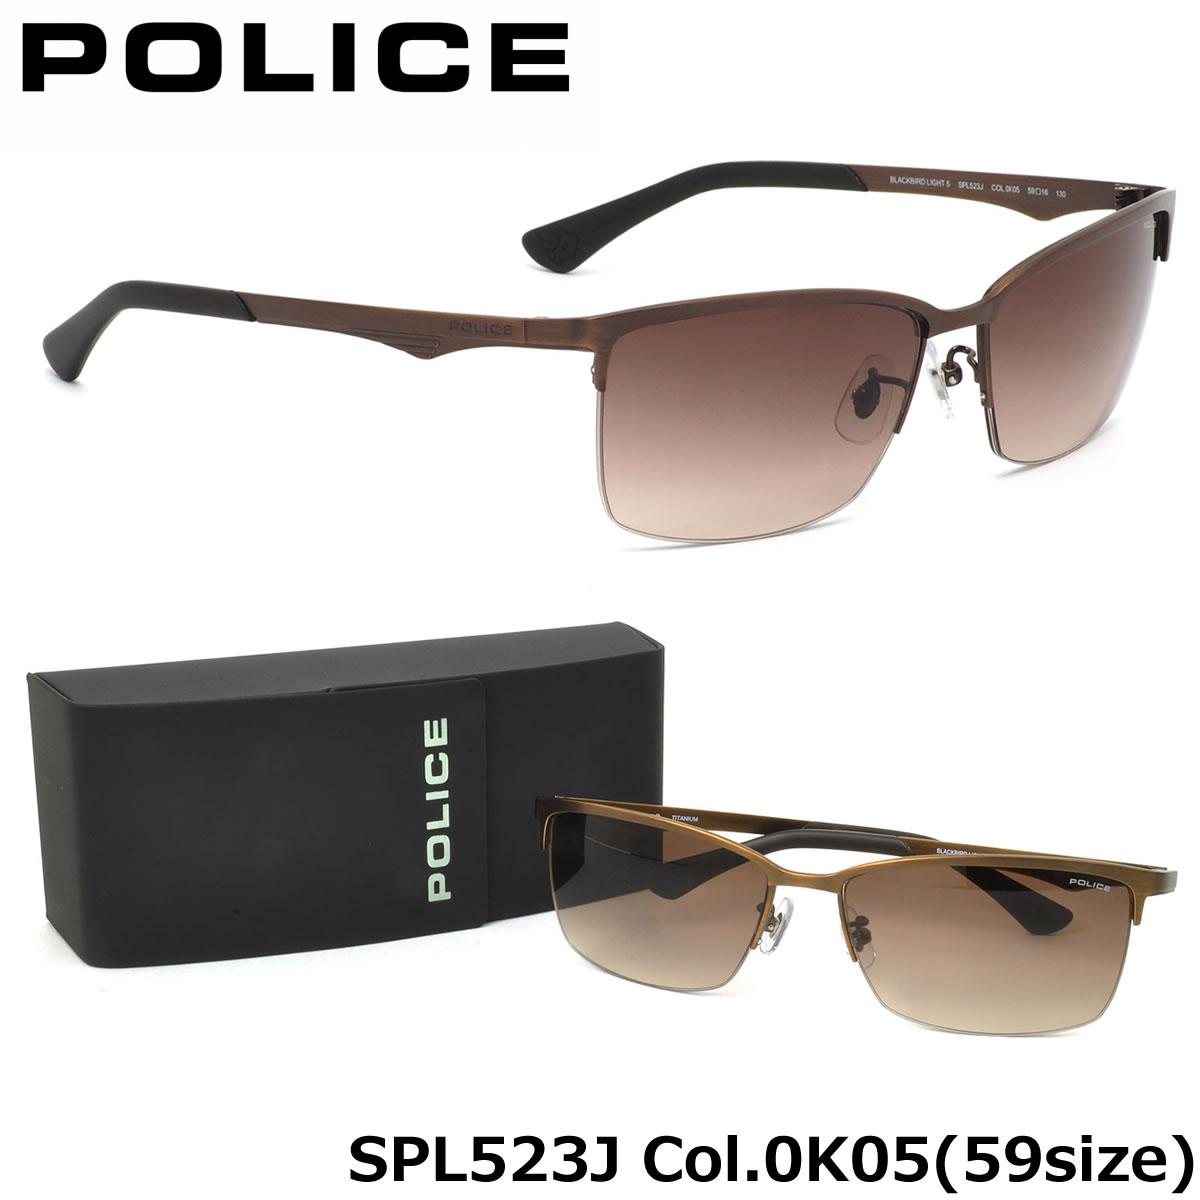 ポイント最大42倍!!お得なクーポンも !! 【ポリス】 (POLICE) サングラスSPL523J 0K05 59サイズBLACKBIRDLIGHT5 スクエアPOLICE メンズ レディース